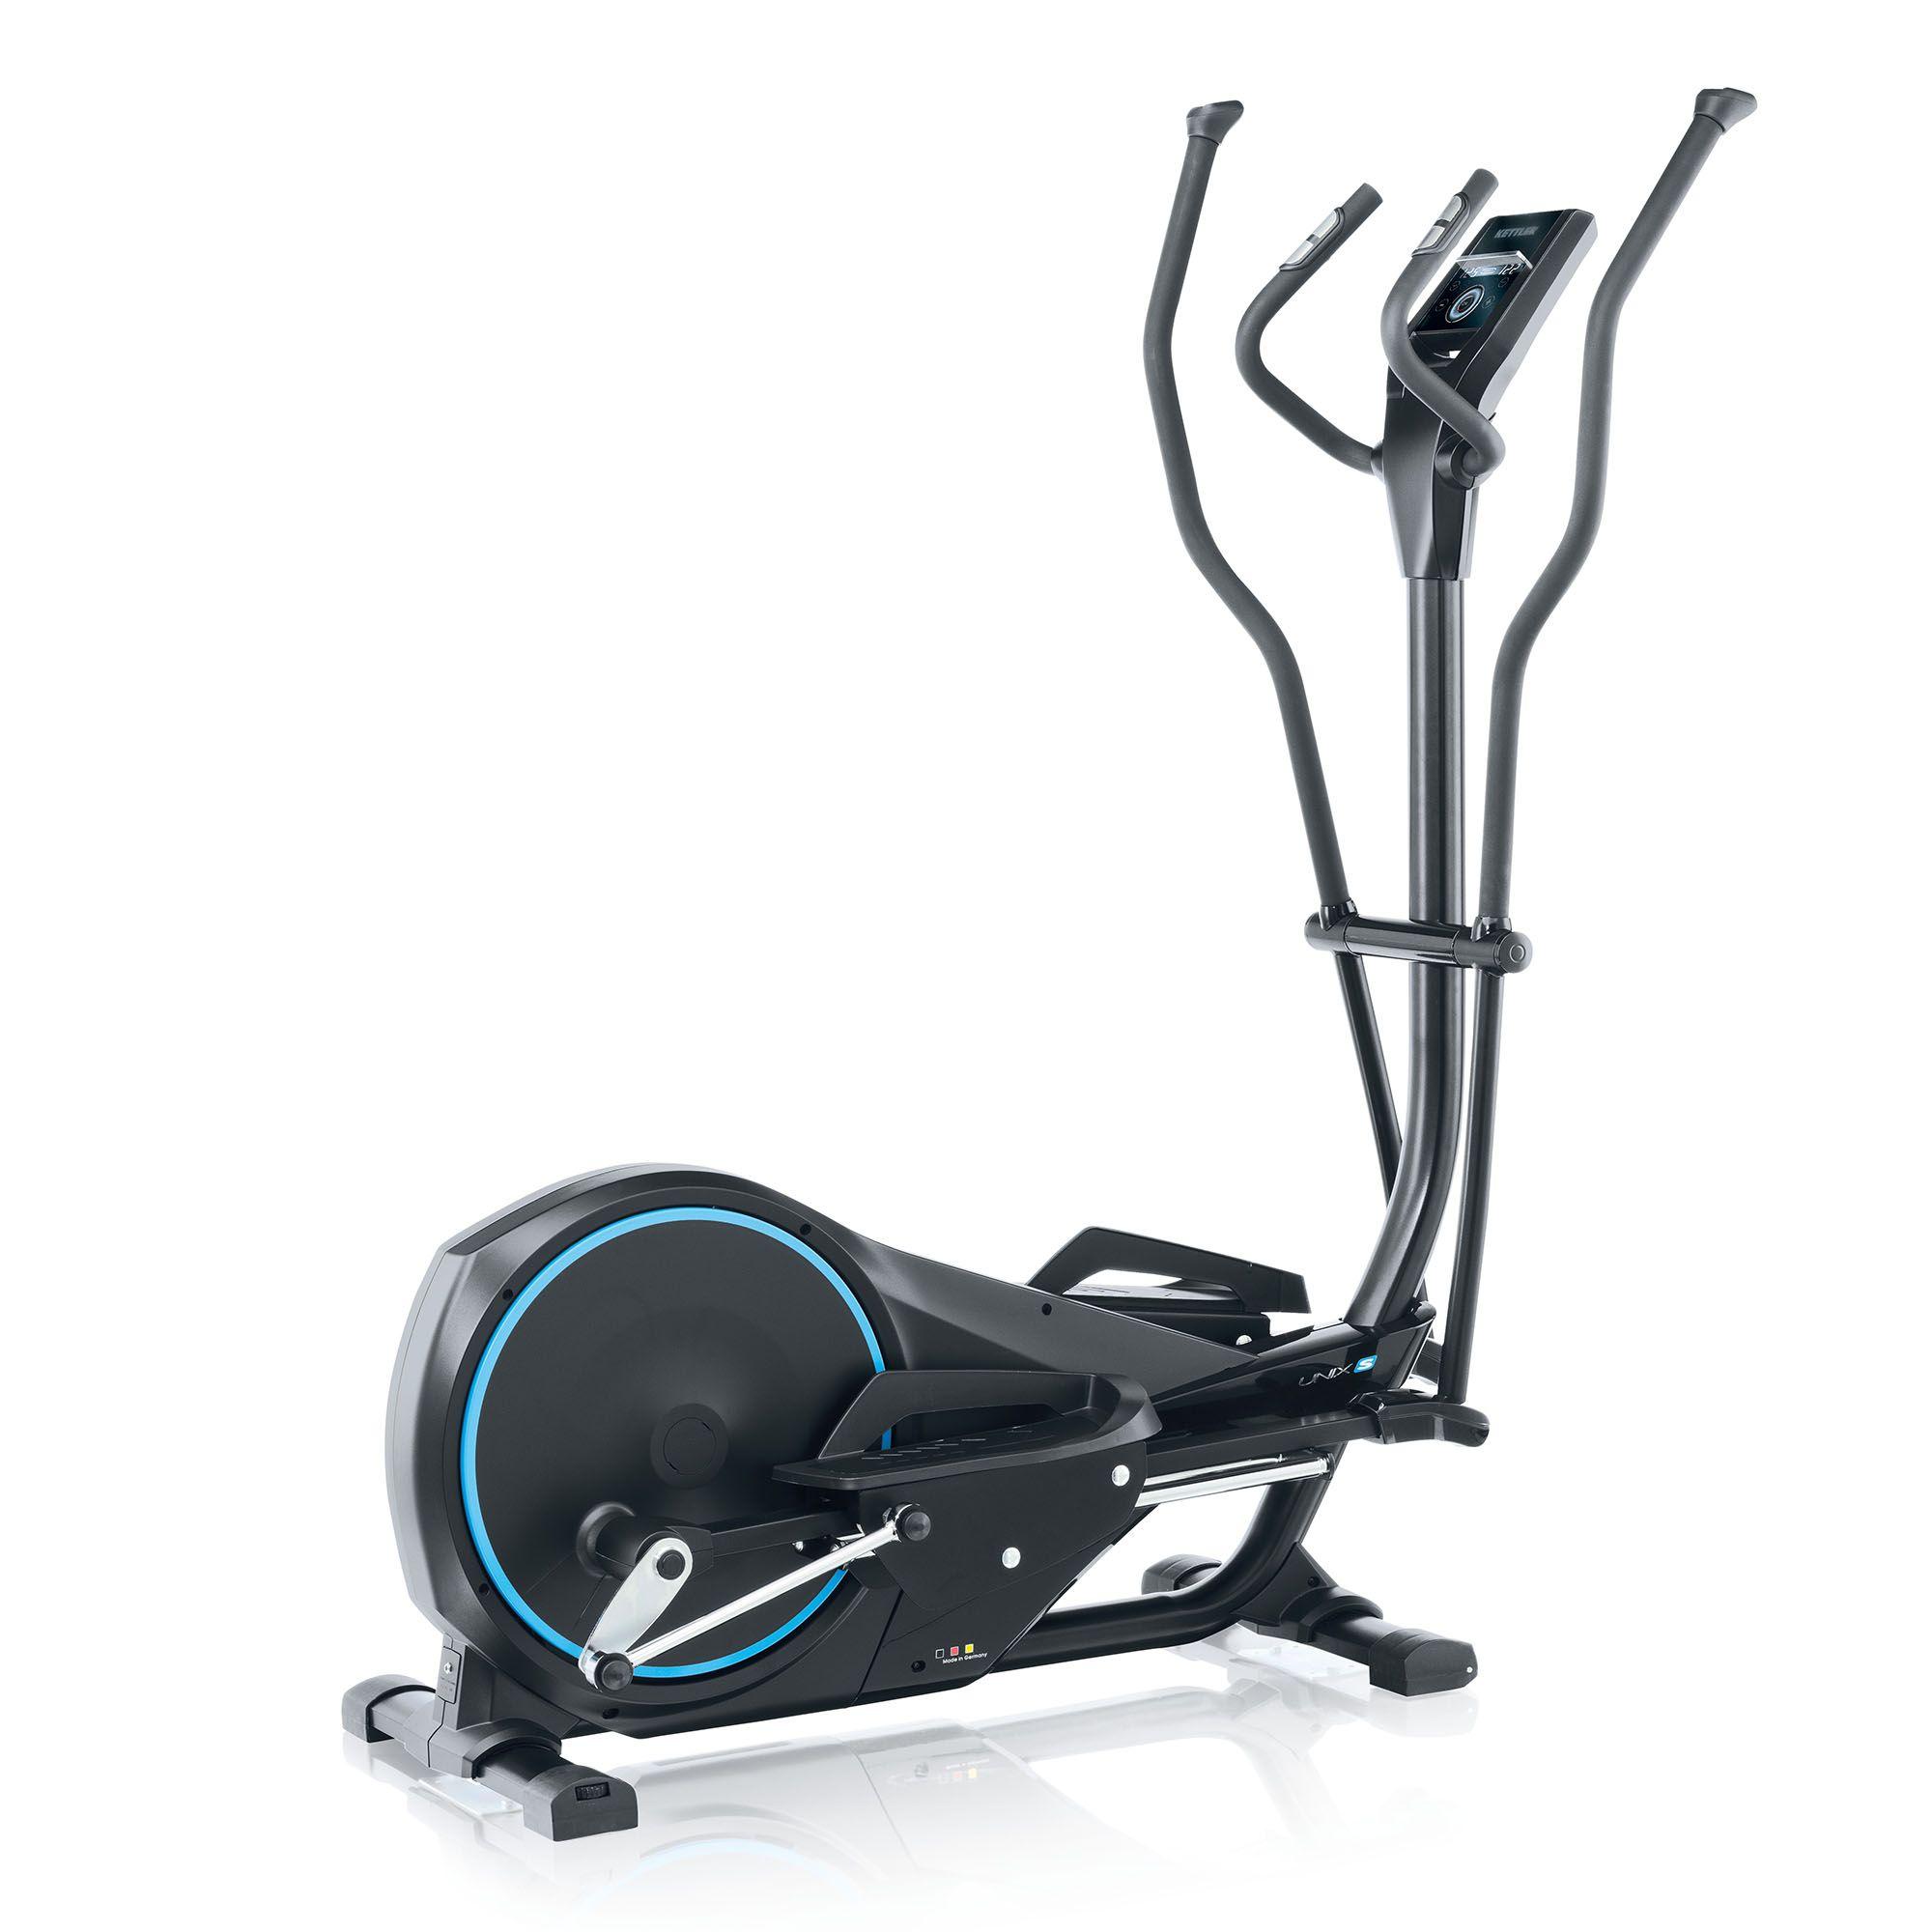 kettler unix s elliptical cross trainer. Black Bedroom Furniture Sets. Home Design Ideas